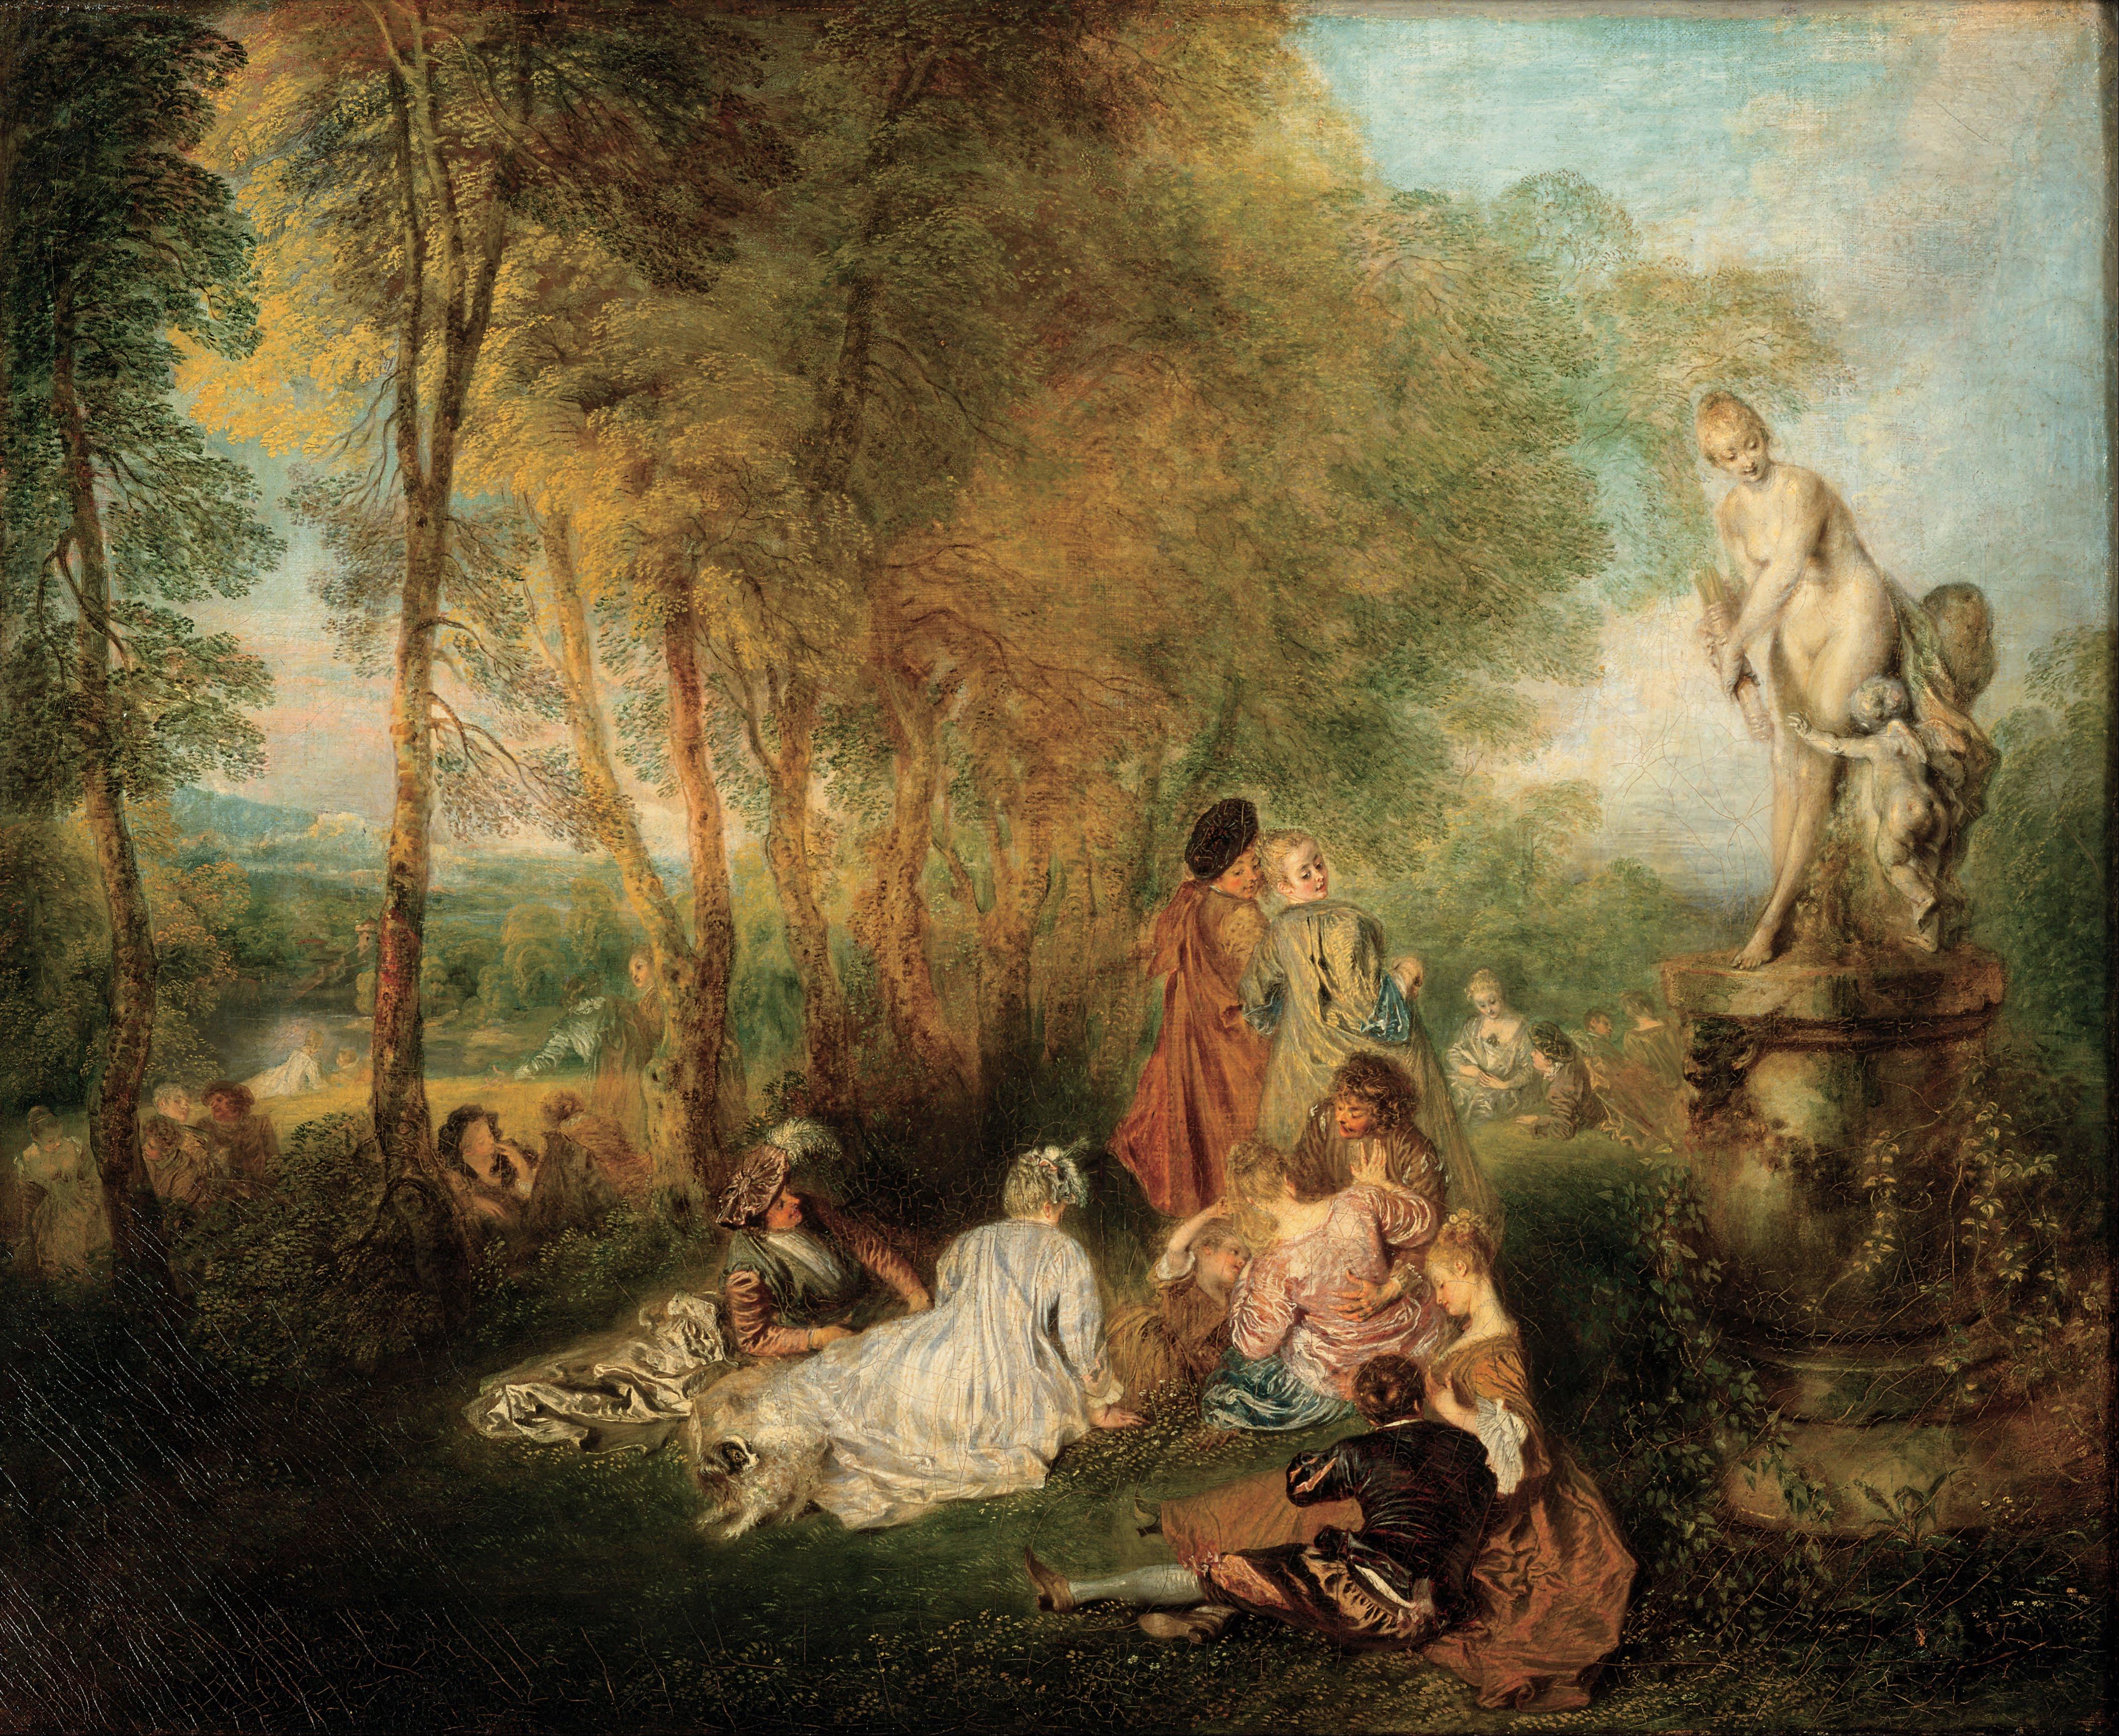 http://upload.wikimedia.org/wikipedia/commons/0/0e/Antoine_Watteau_-_The_Feast_of_Love_-_Google_Art_Project.jpg